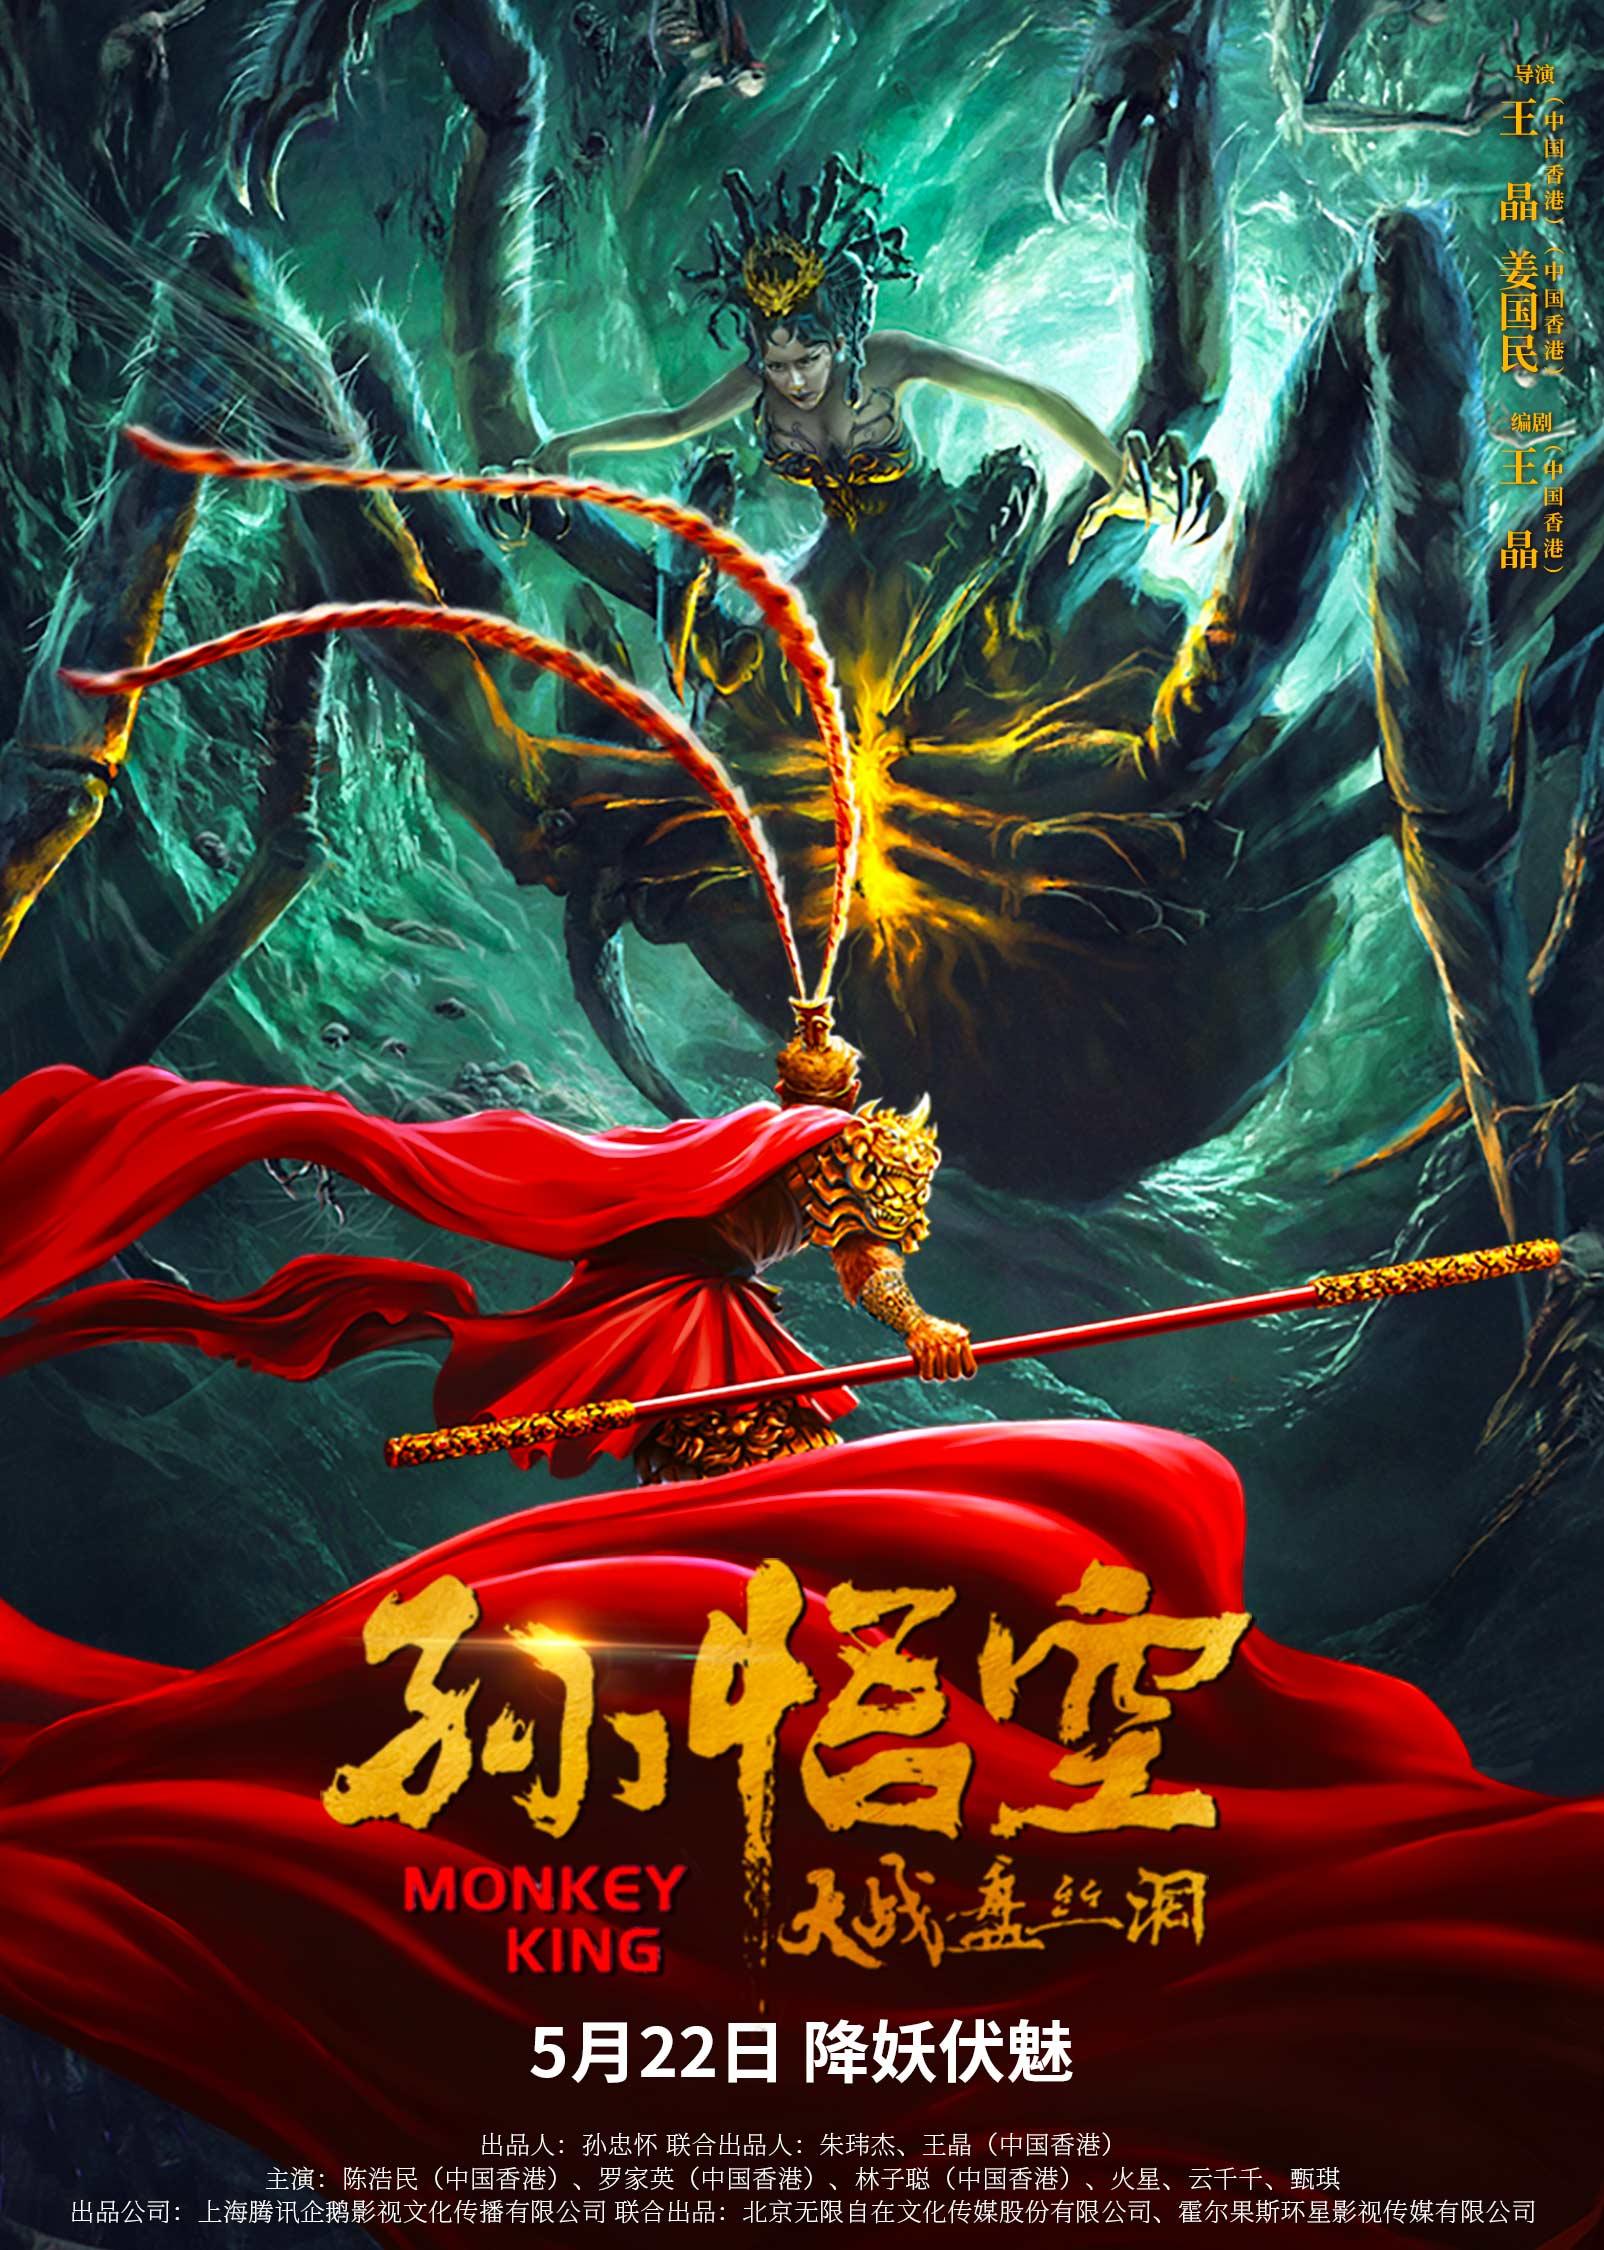 《孙悟空大战盘丝洞》定档5月22日腾讯视频独播